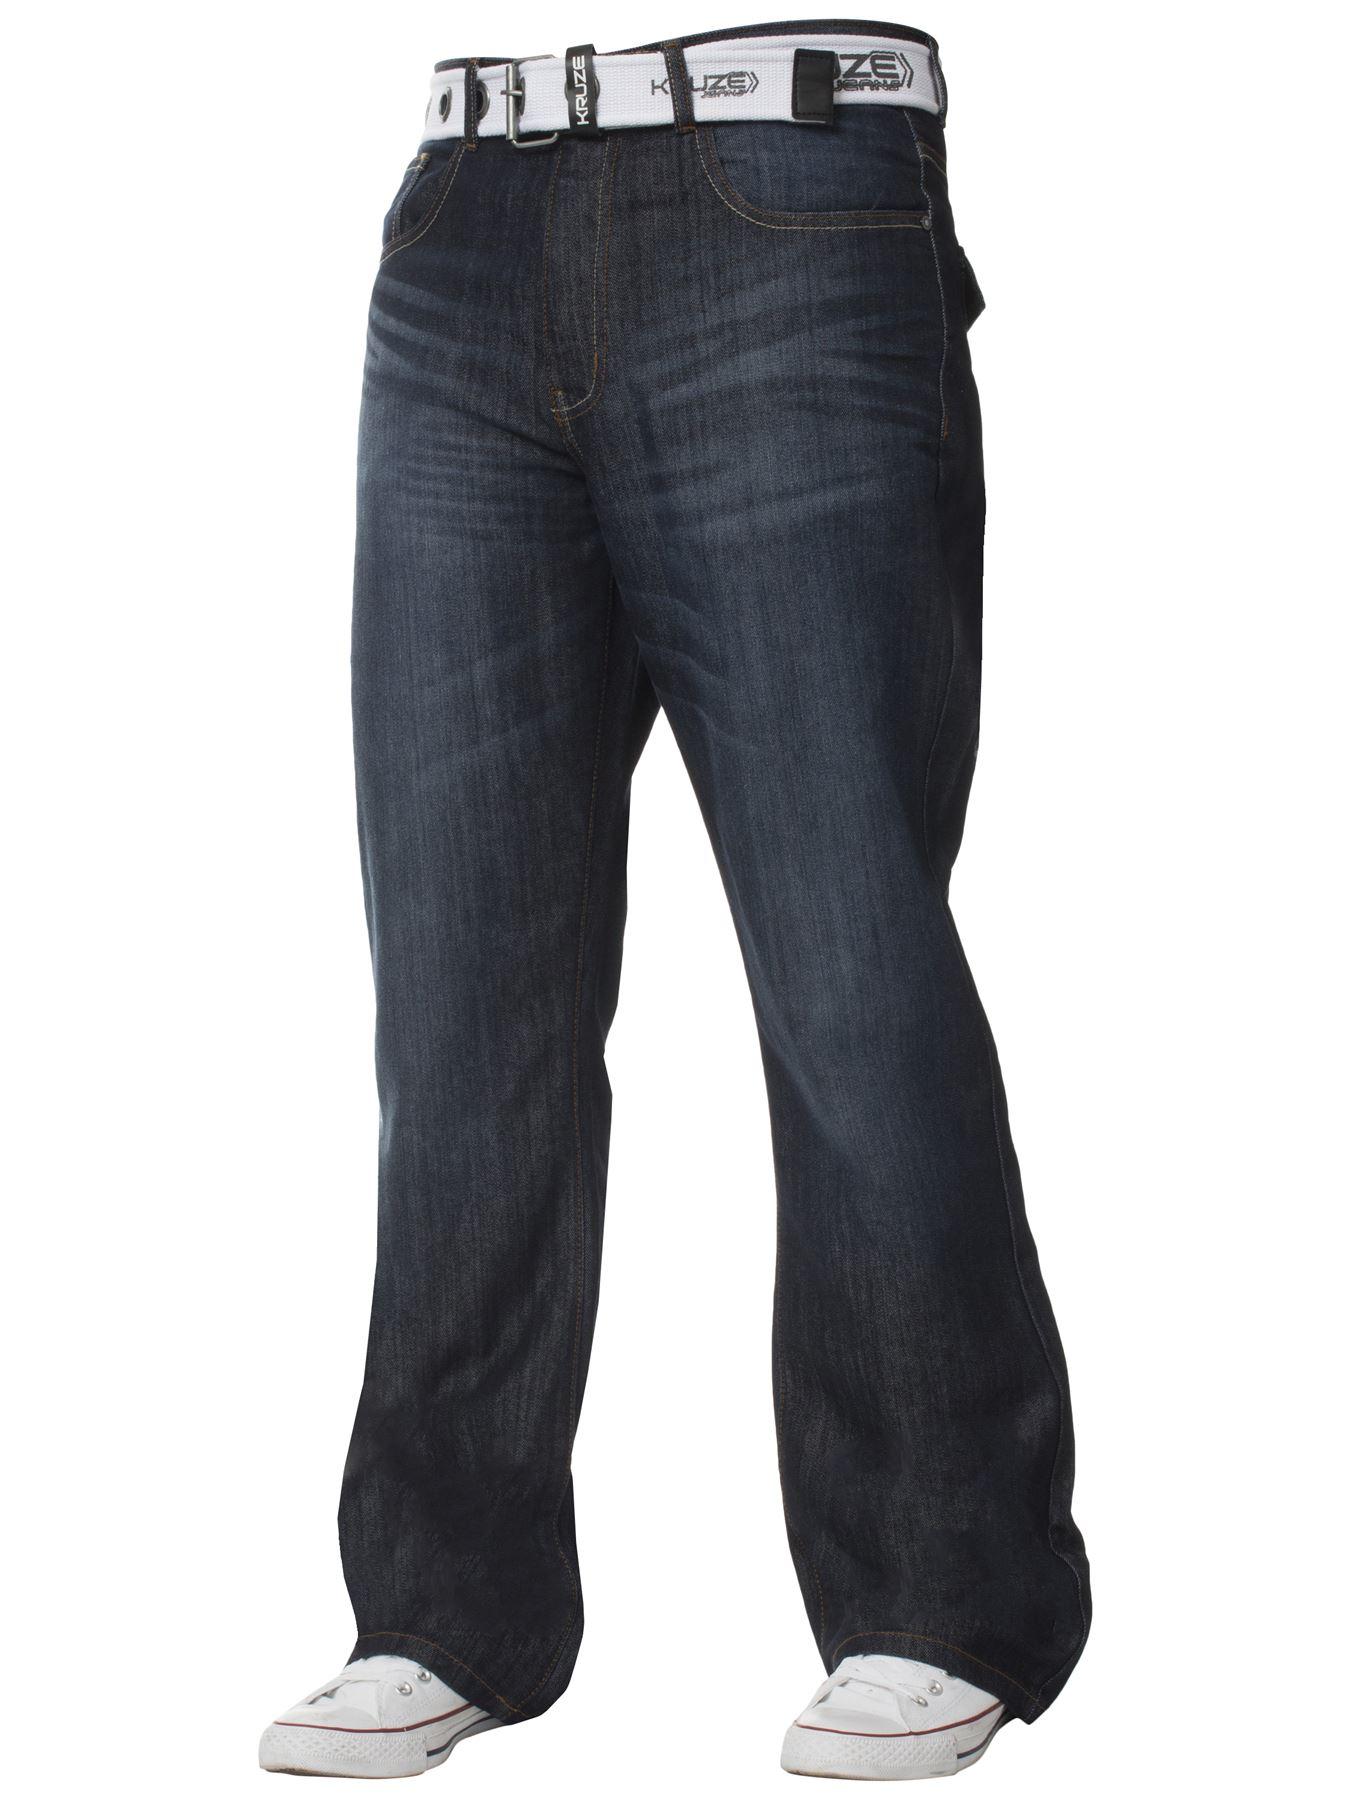 Kruze-Denim-Nuevo-Para-Hombre-Bootcut-Pierna-Ancha-Flare-Pantalones-Cintura-Tallas-Grandes-Rey-todos miniatura 9